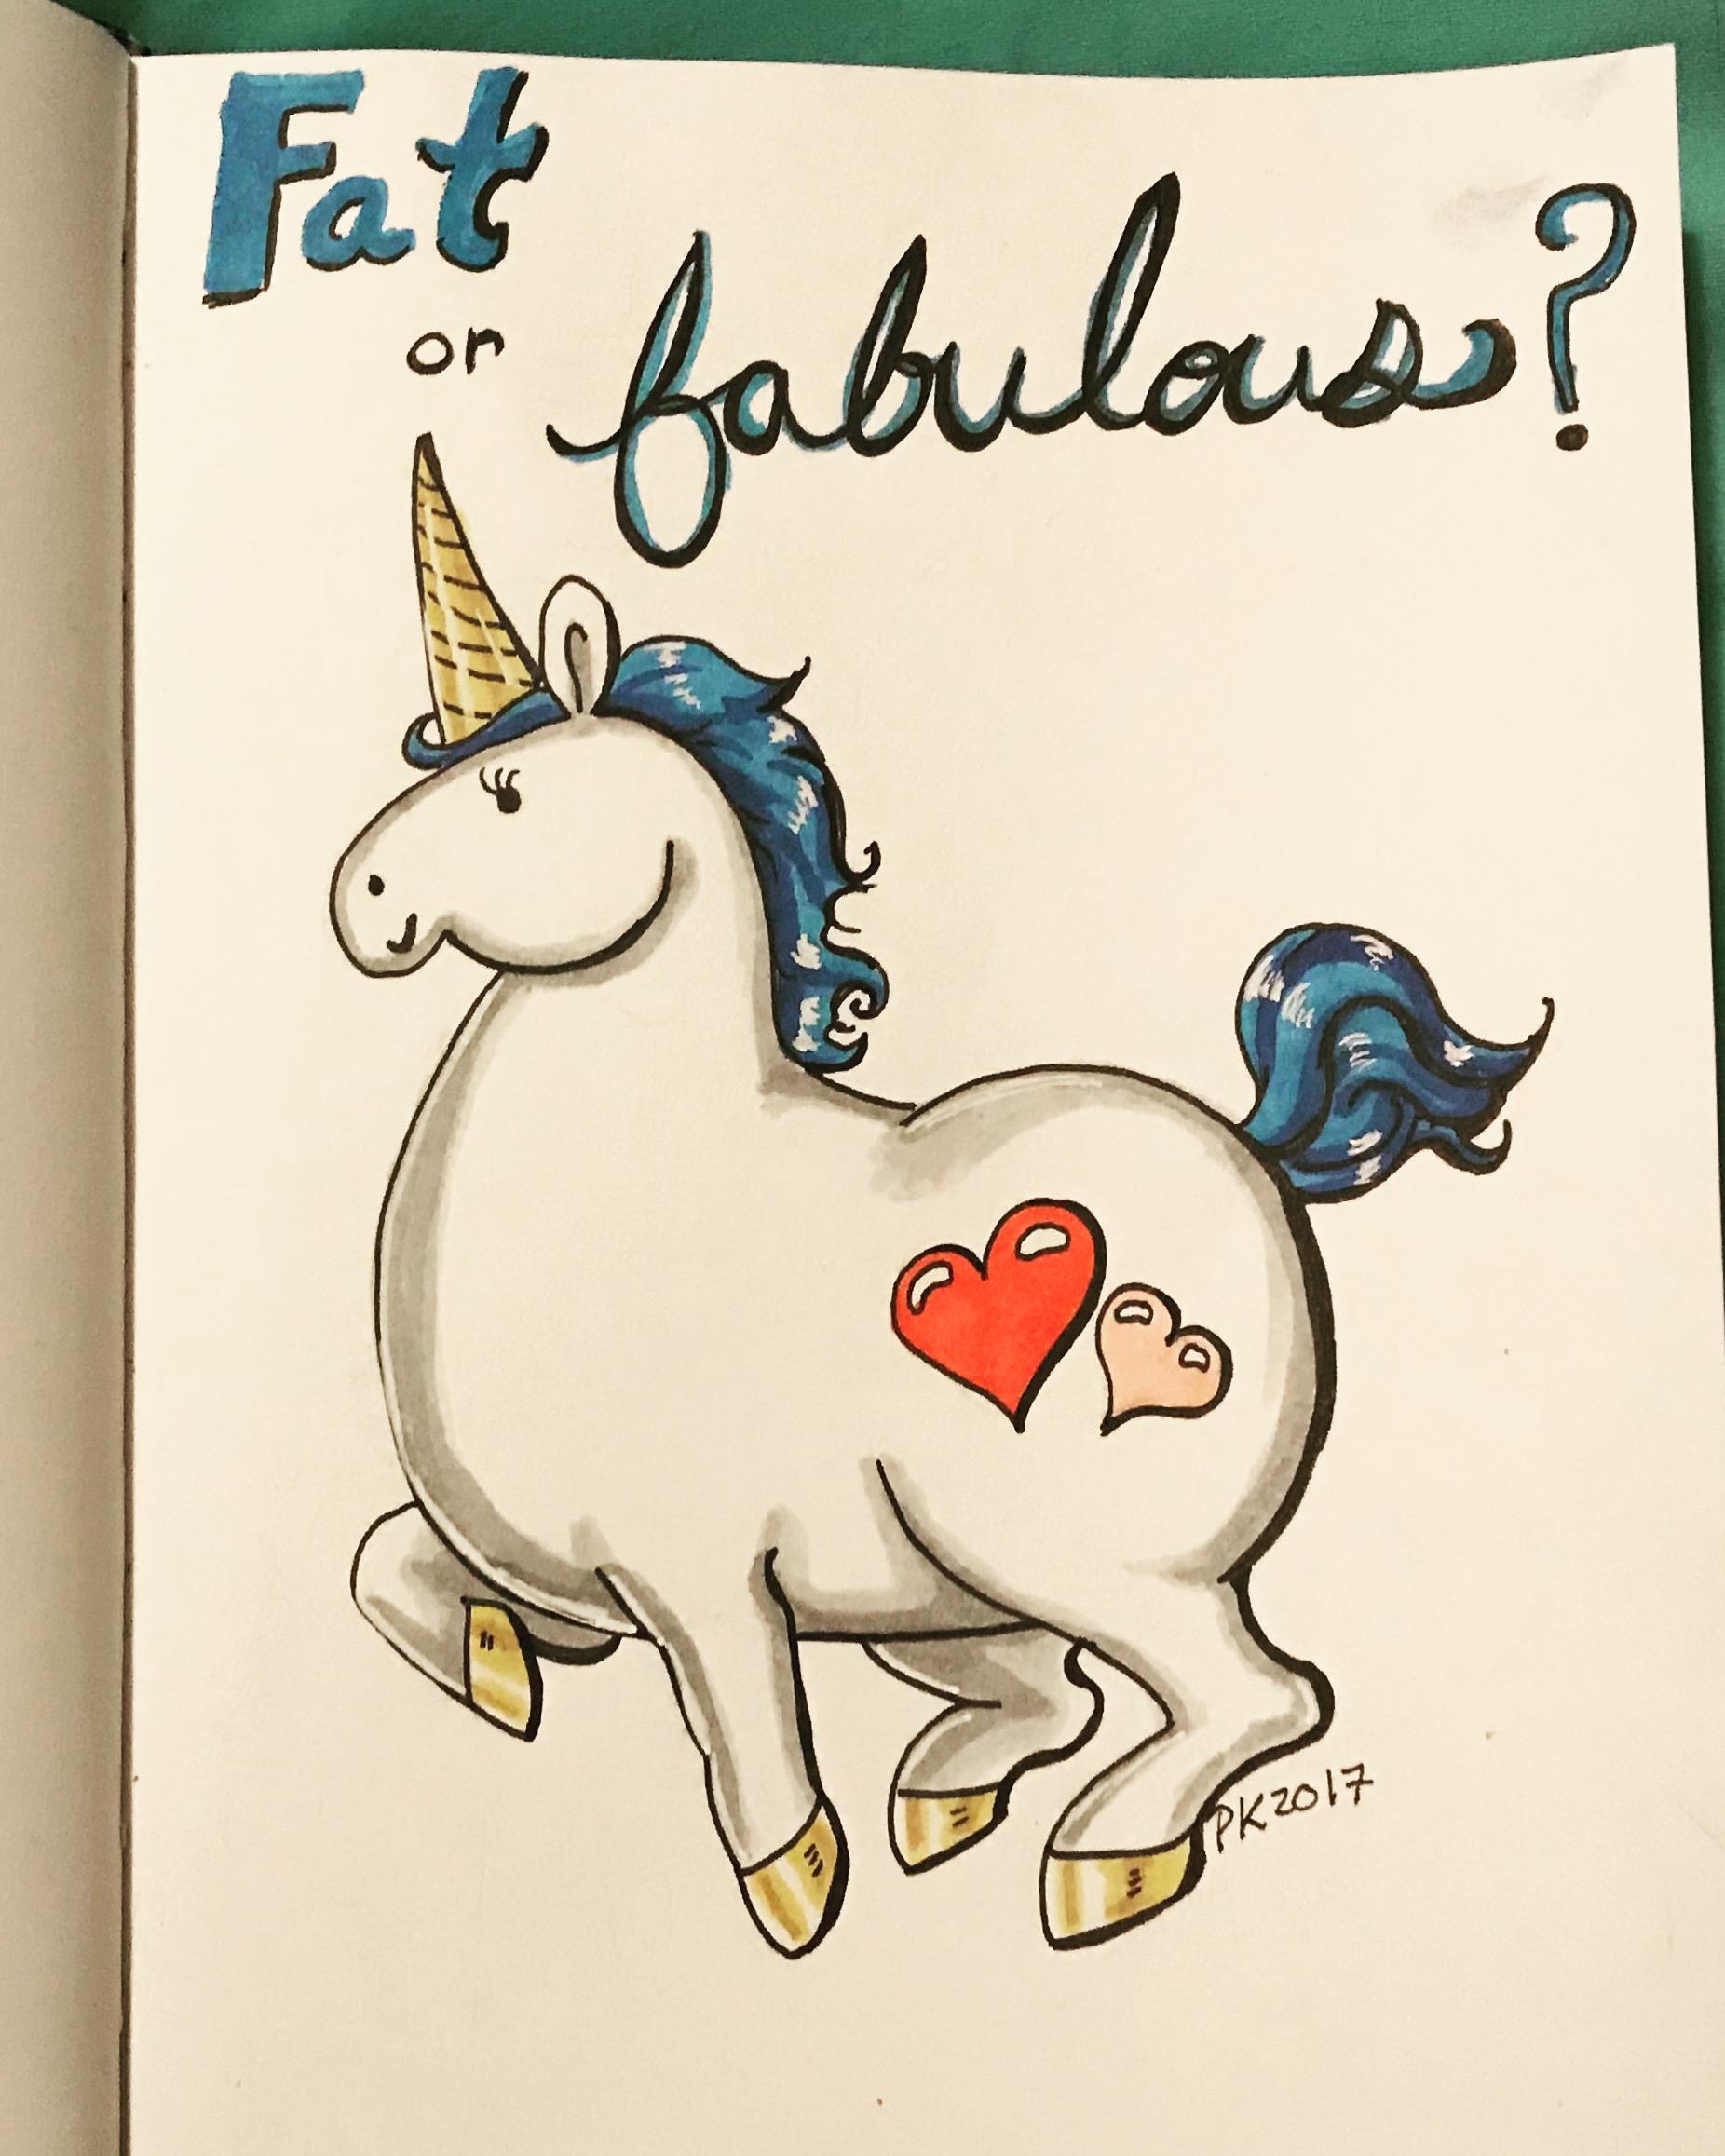 Fat or fabulous?